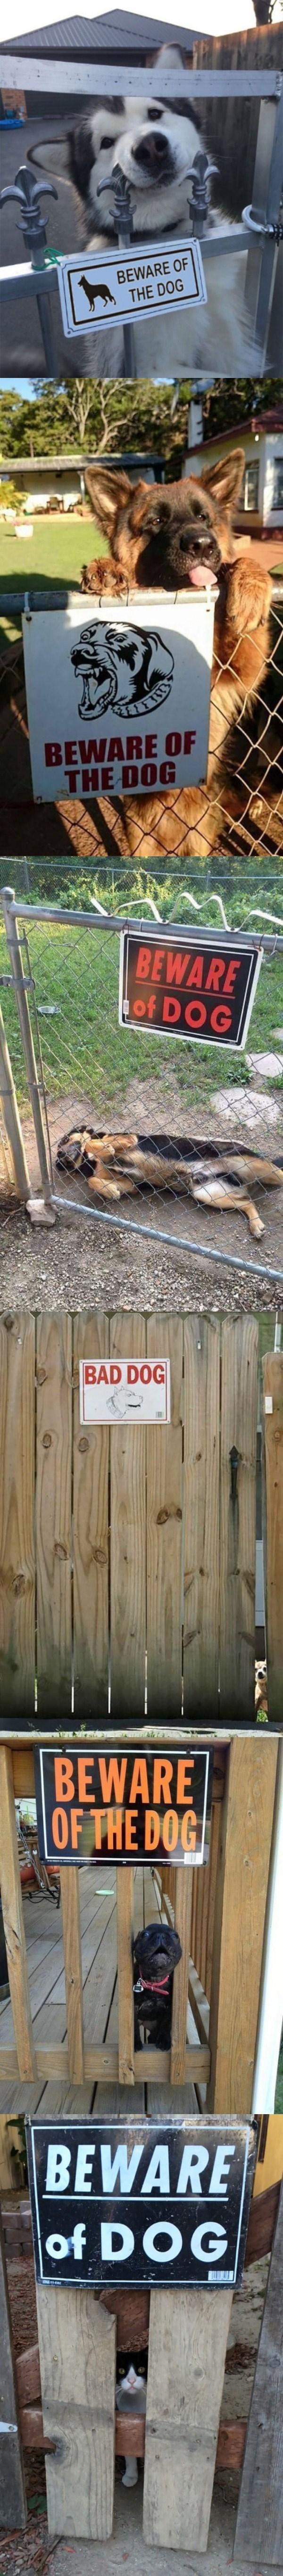 lista de perros tiernos junto a su letrero de tener cuidado con ellos